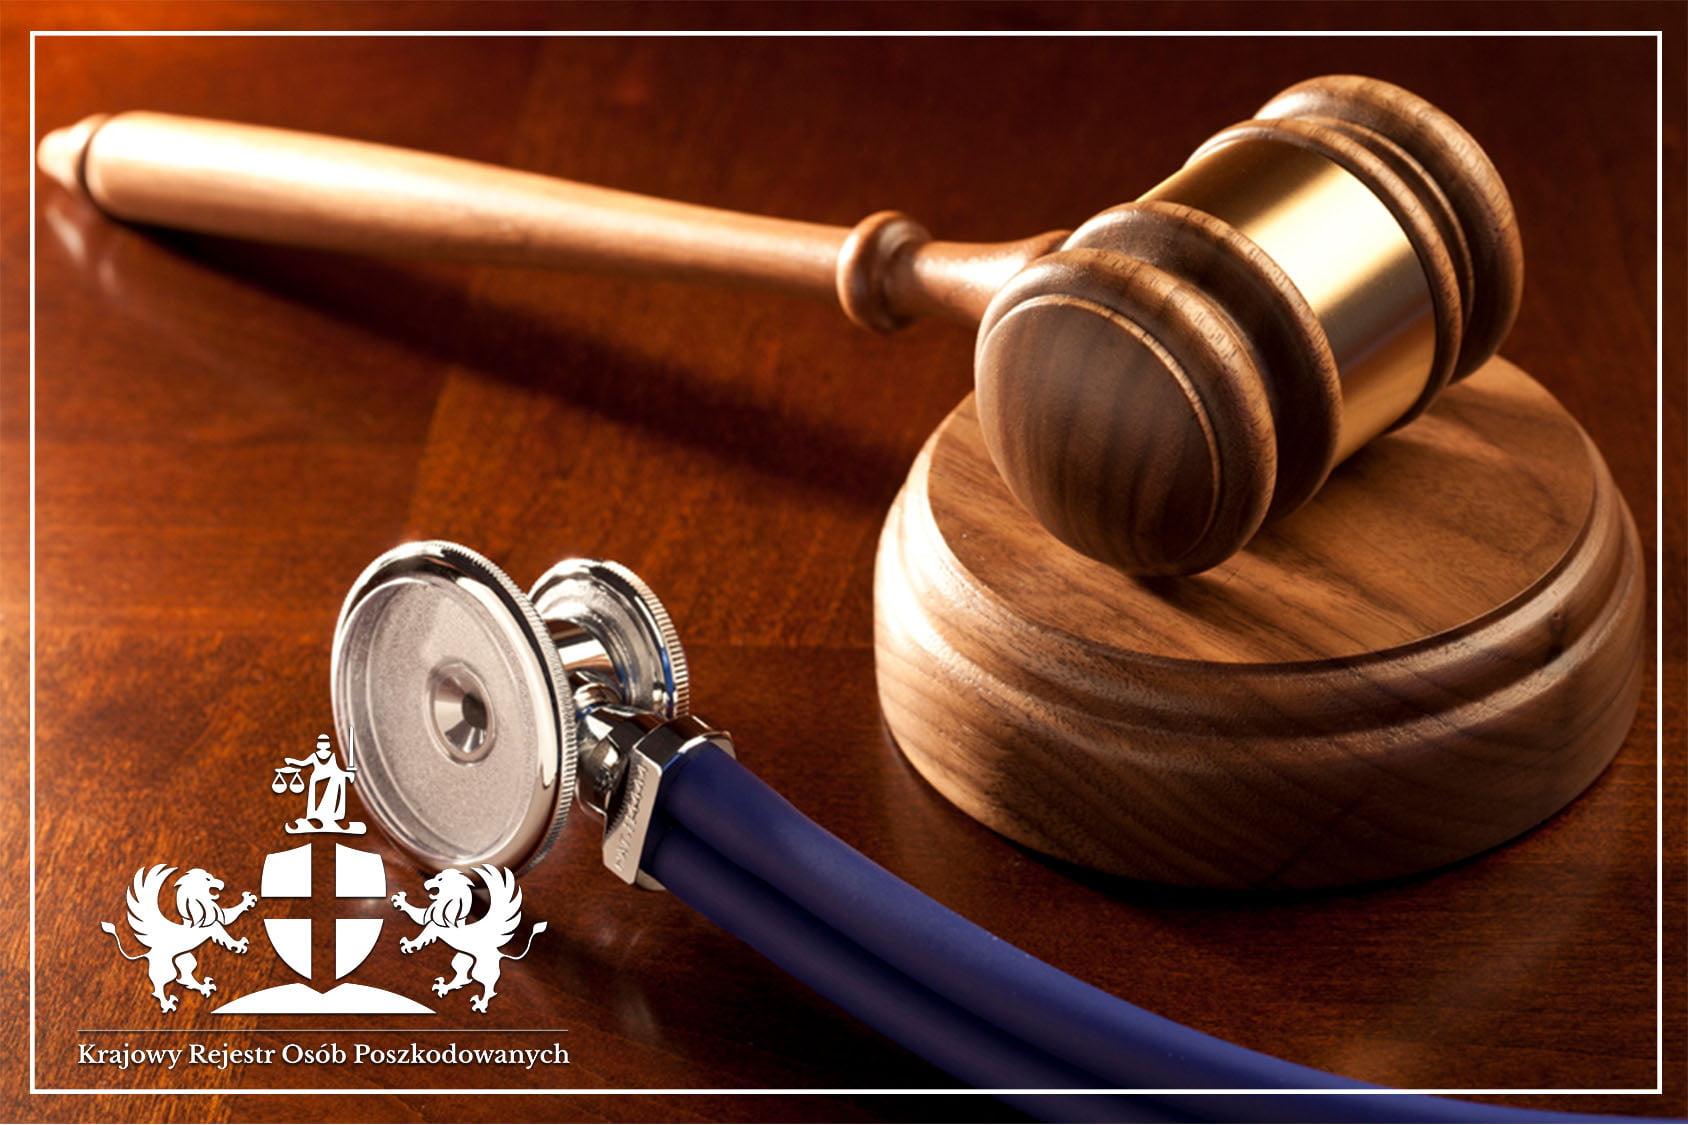 Po odszkodowanie do Sądu czy na Komisję - gdzie zgłaszać błędy medyczne